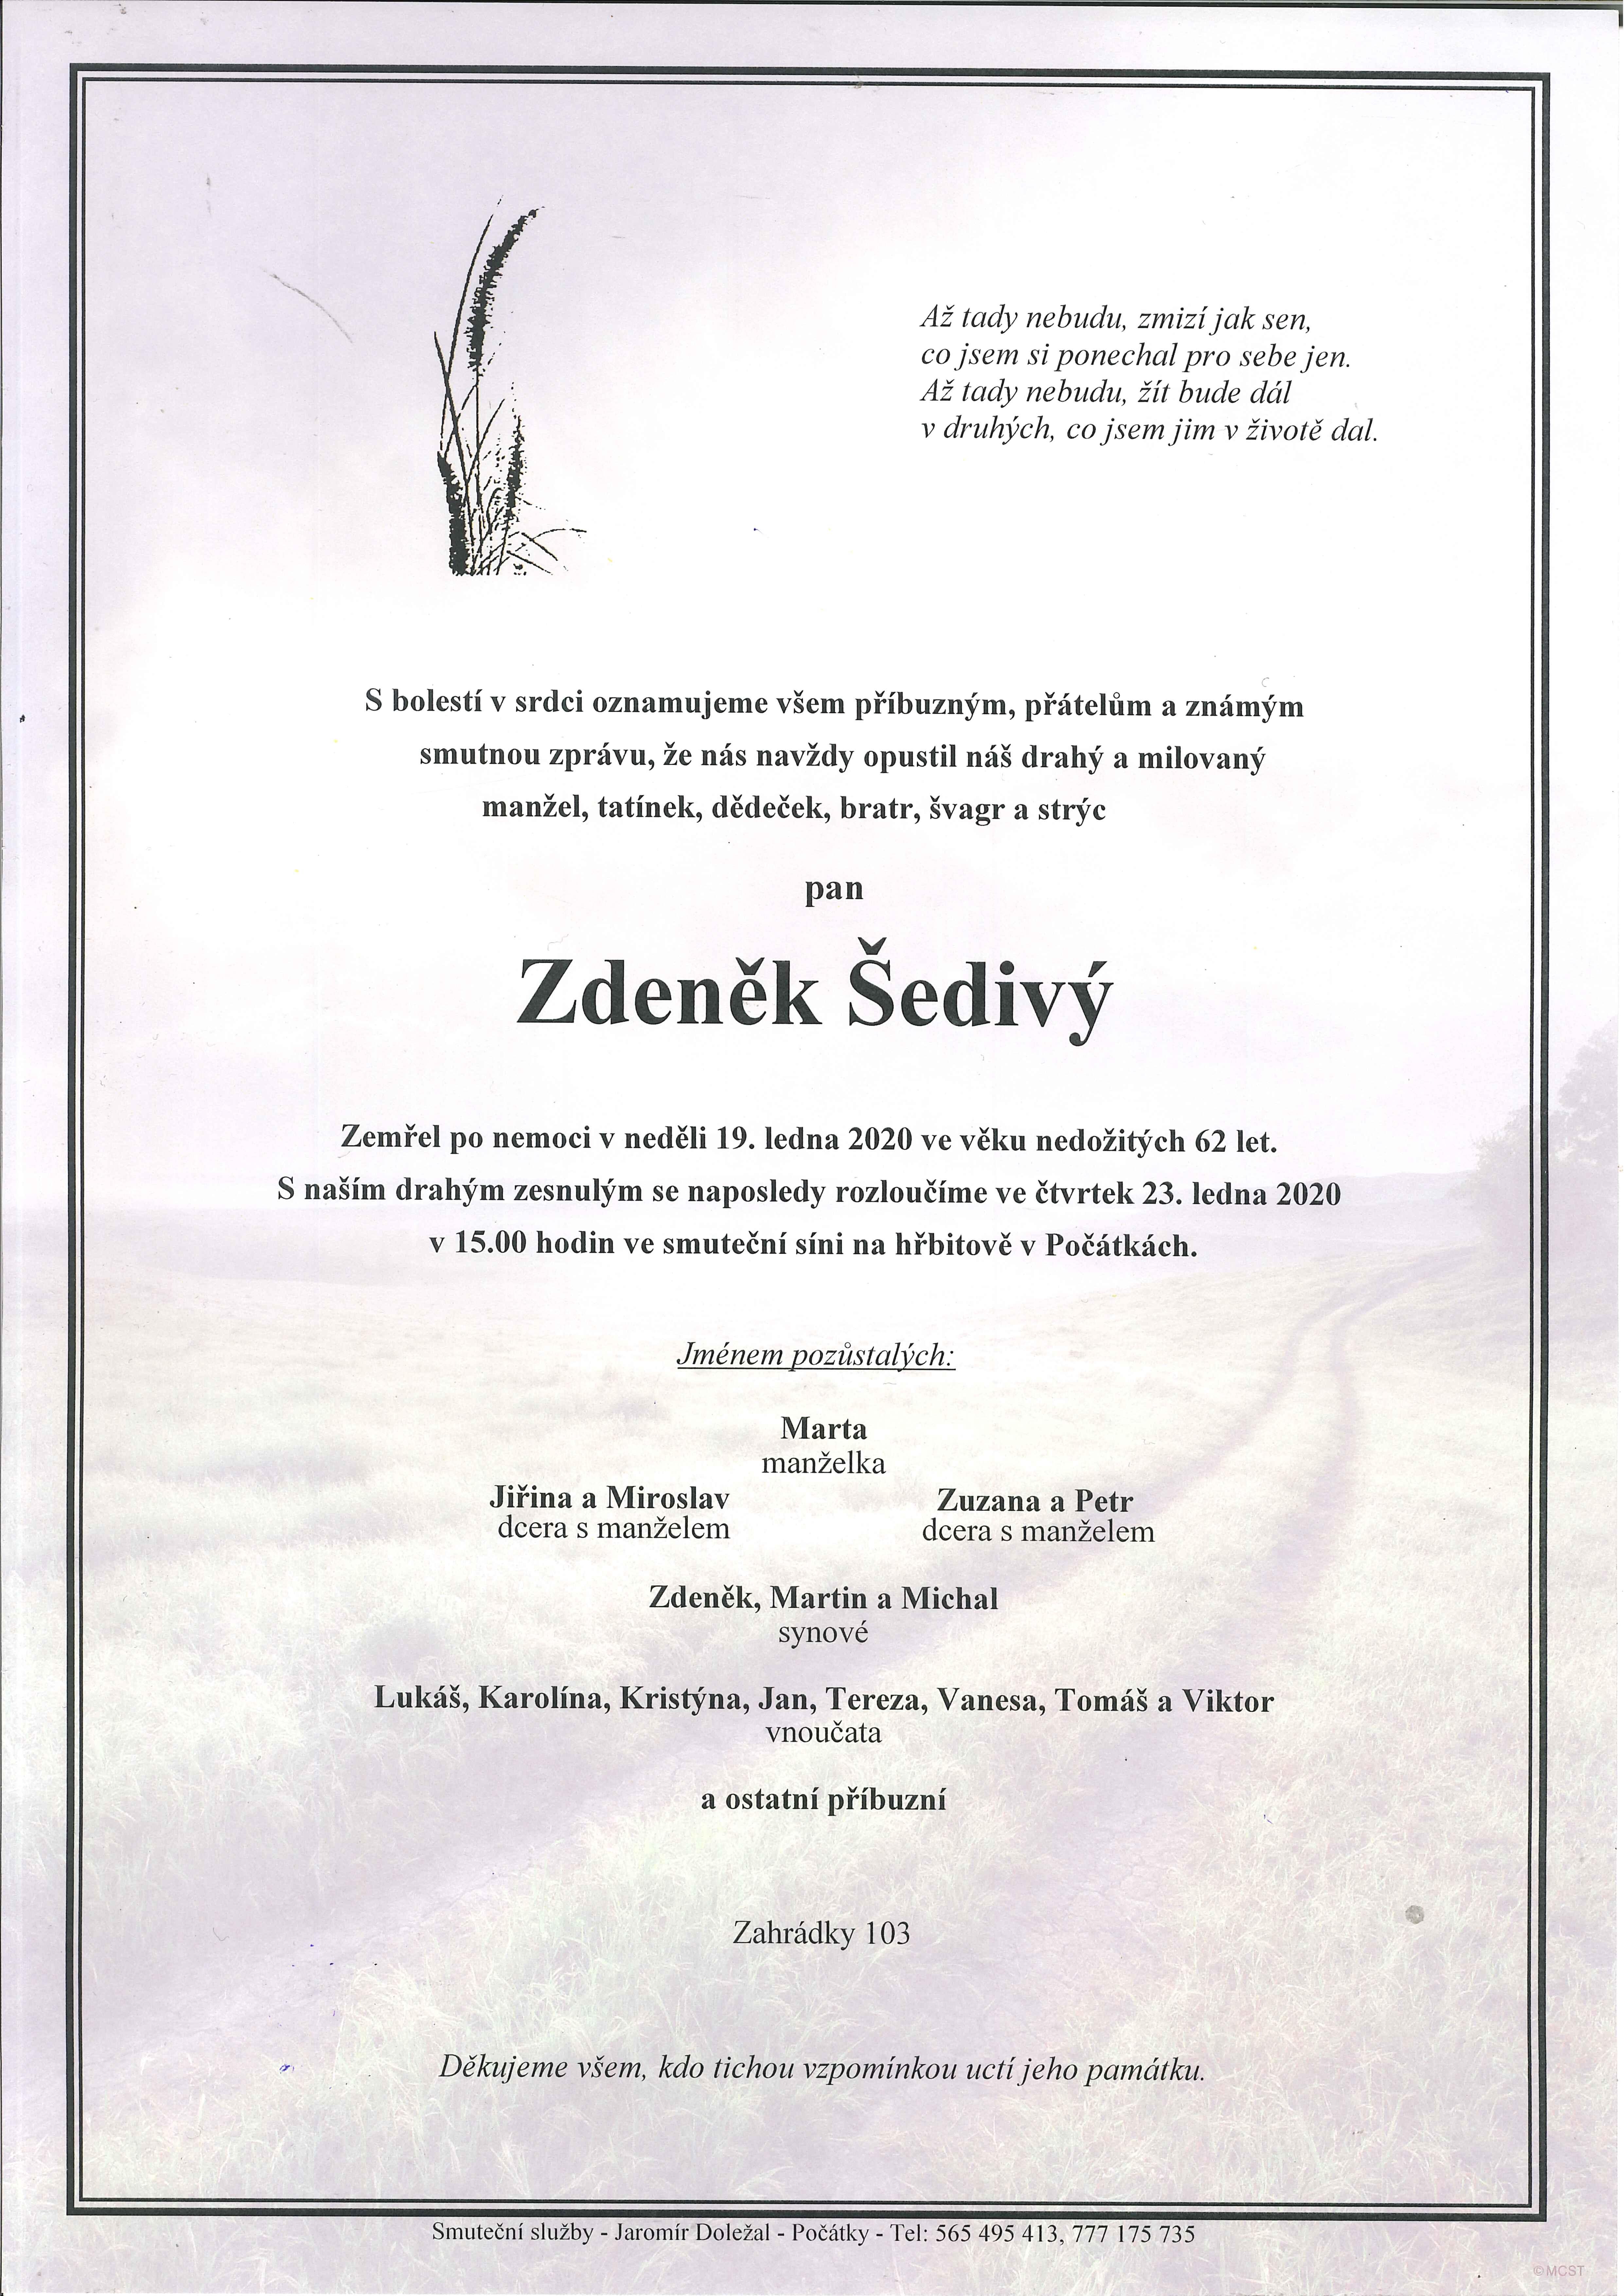 Zdeněk Šedivý